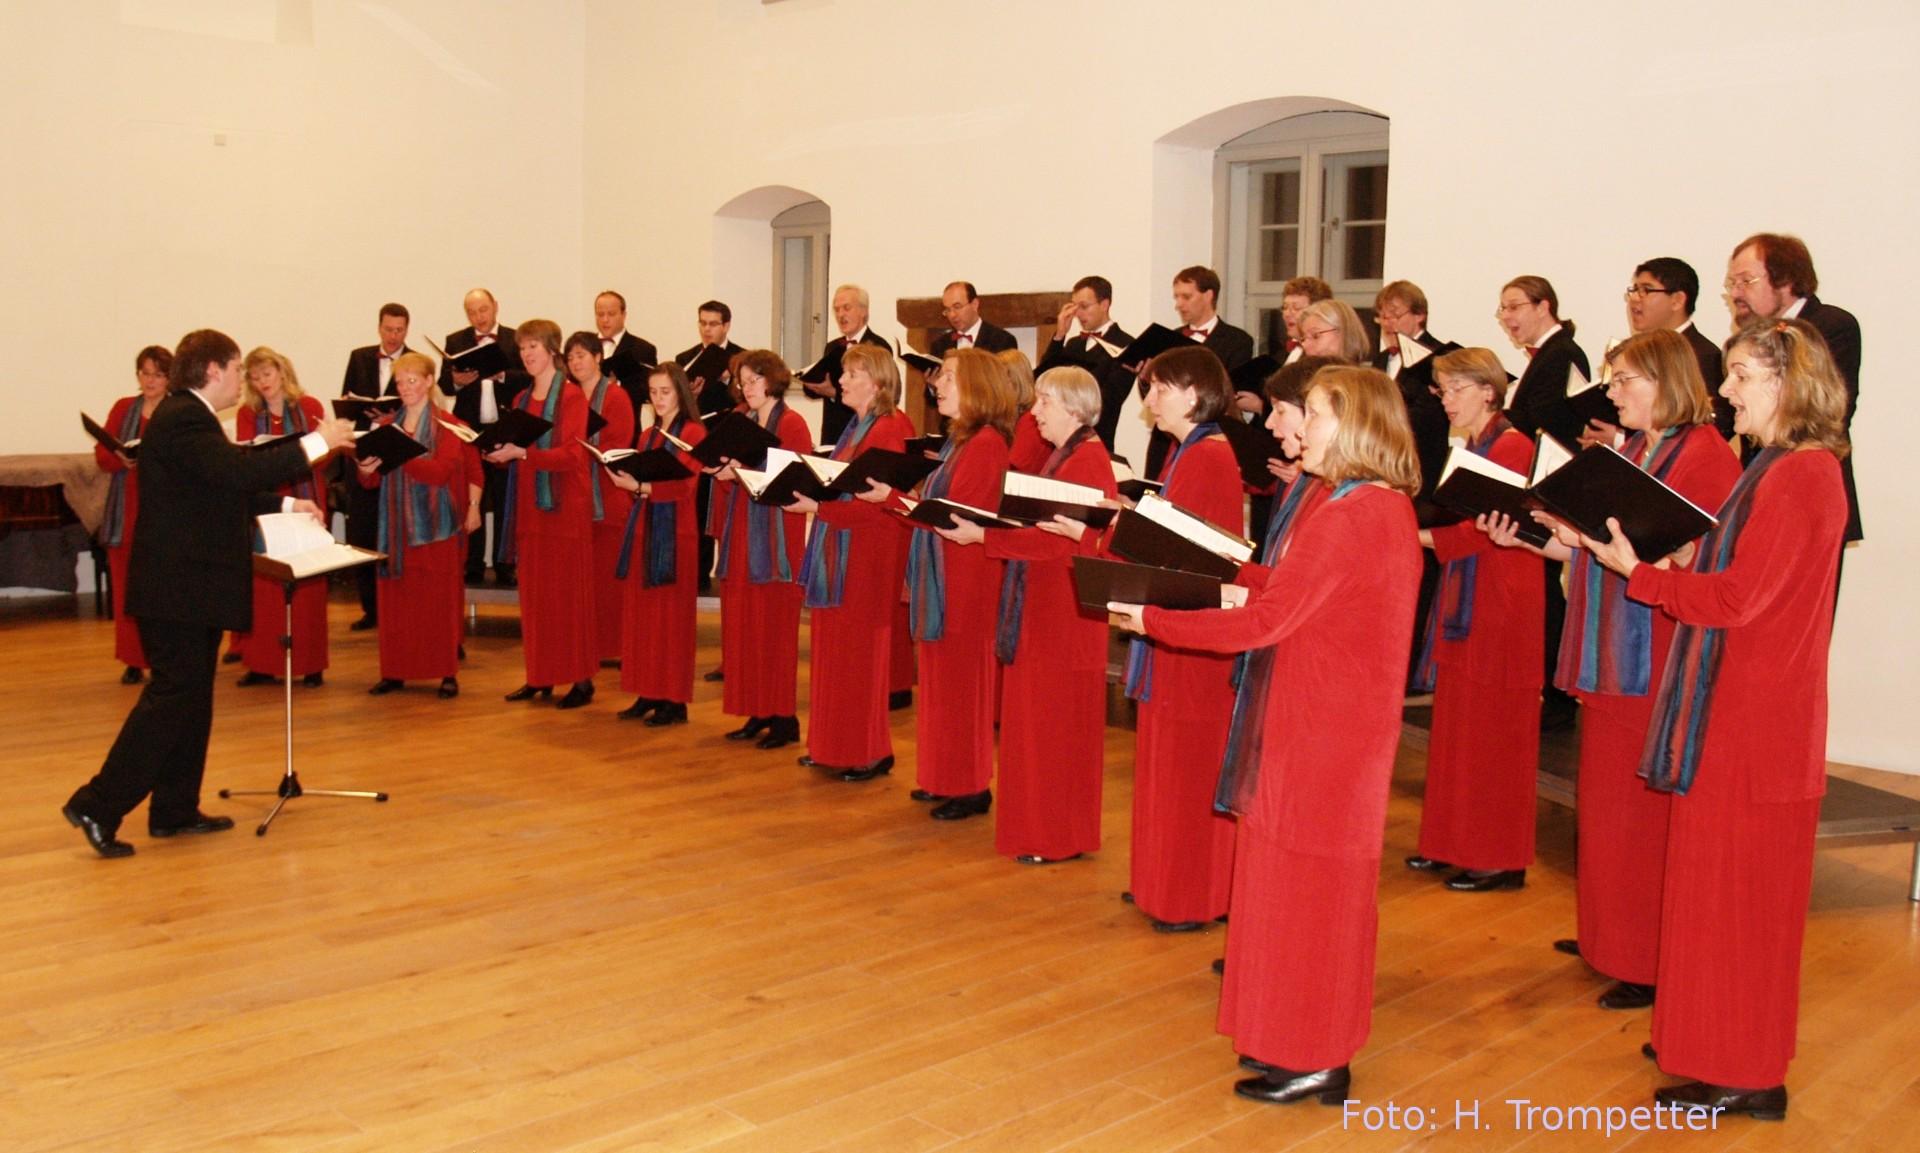 10-11-13-Bergedorfer-Kammerchor-MM-02